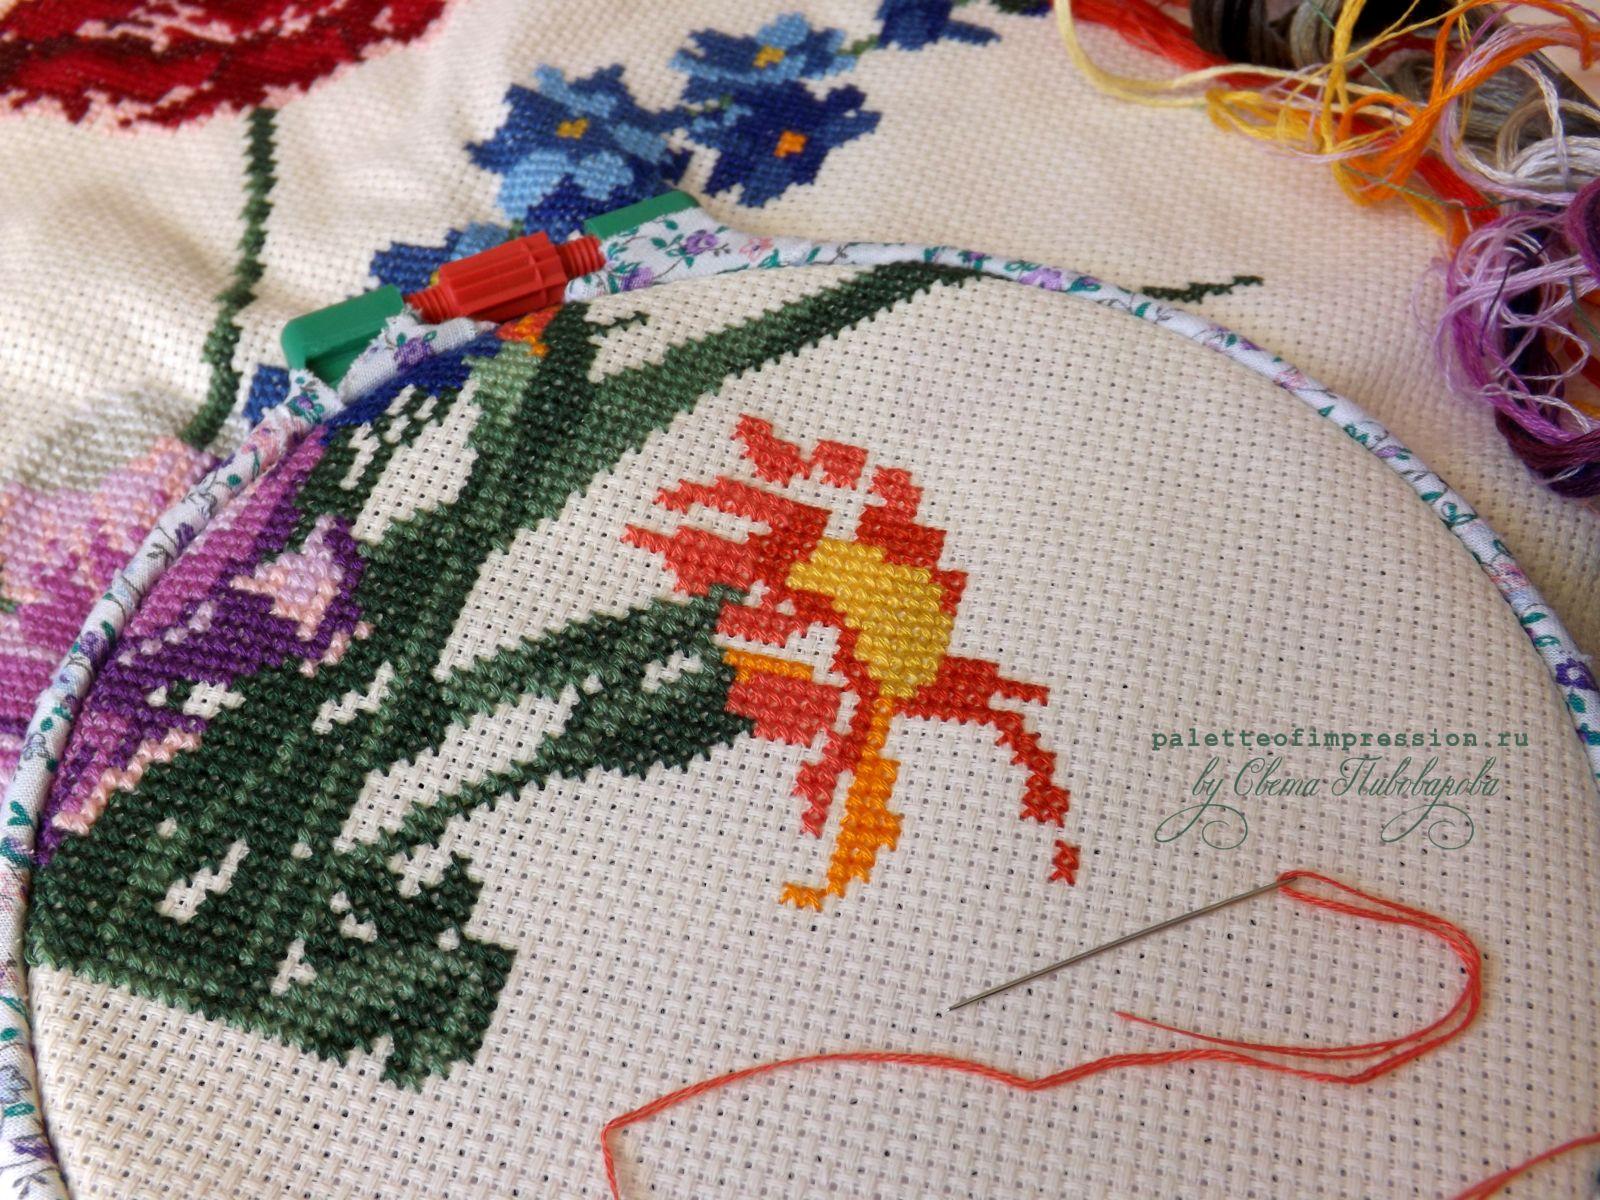 Букет цветов, бабочка и птичка. Вышивка крестом.